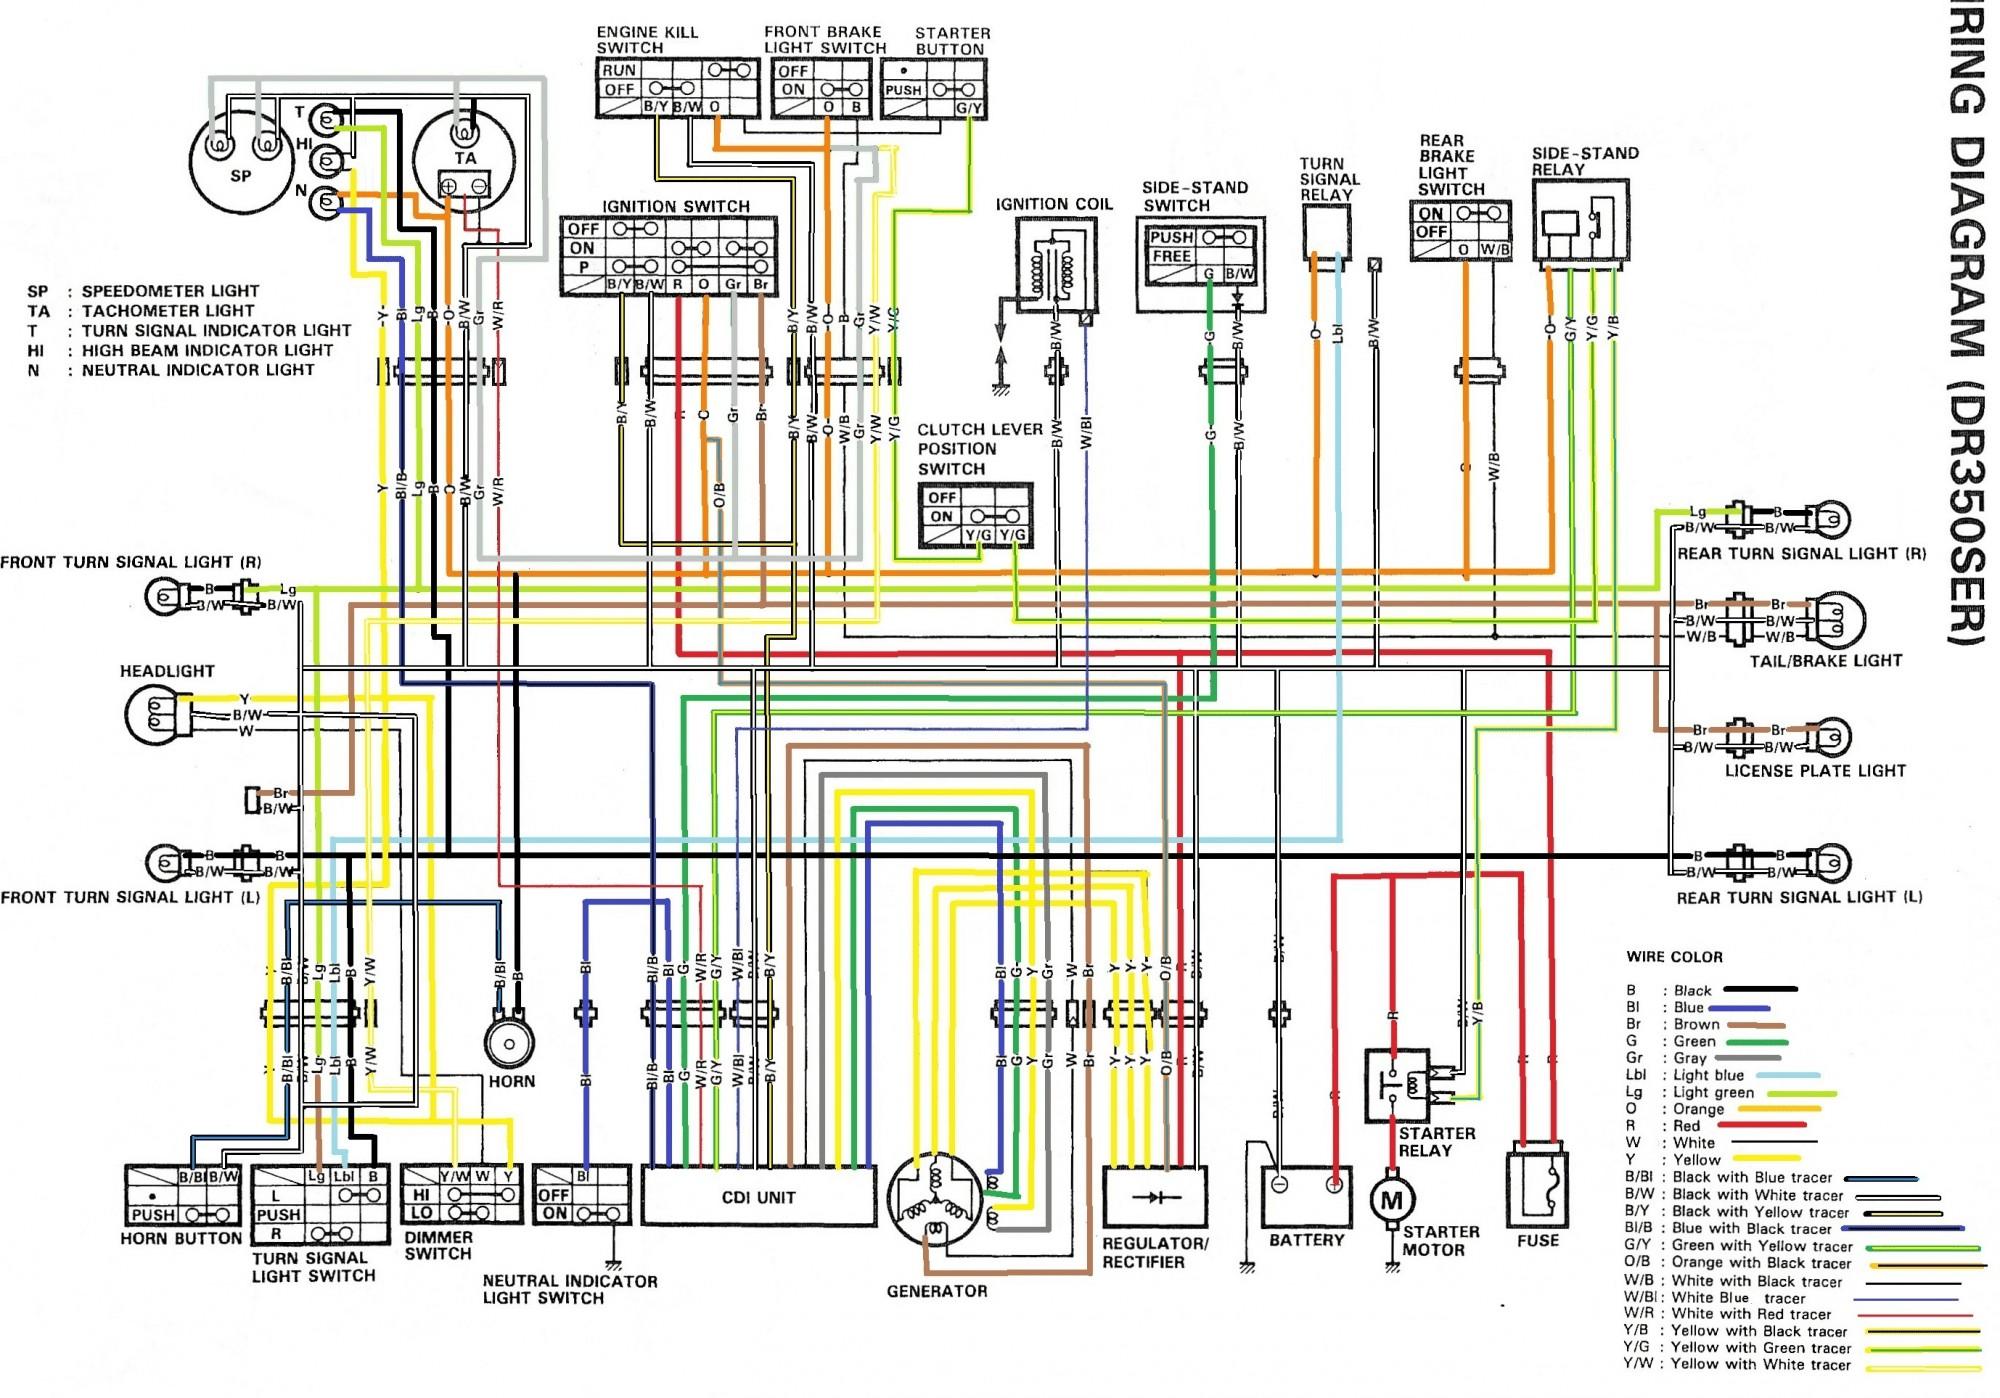 2012 dr650 suzuki wiring diagram auto wiring diagram